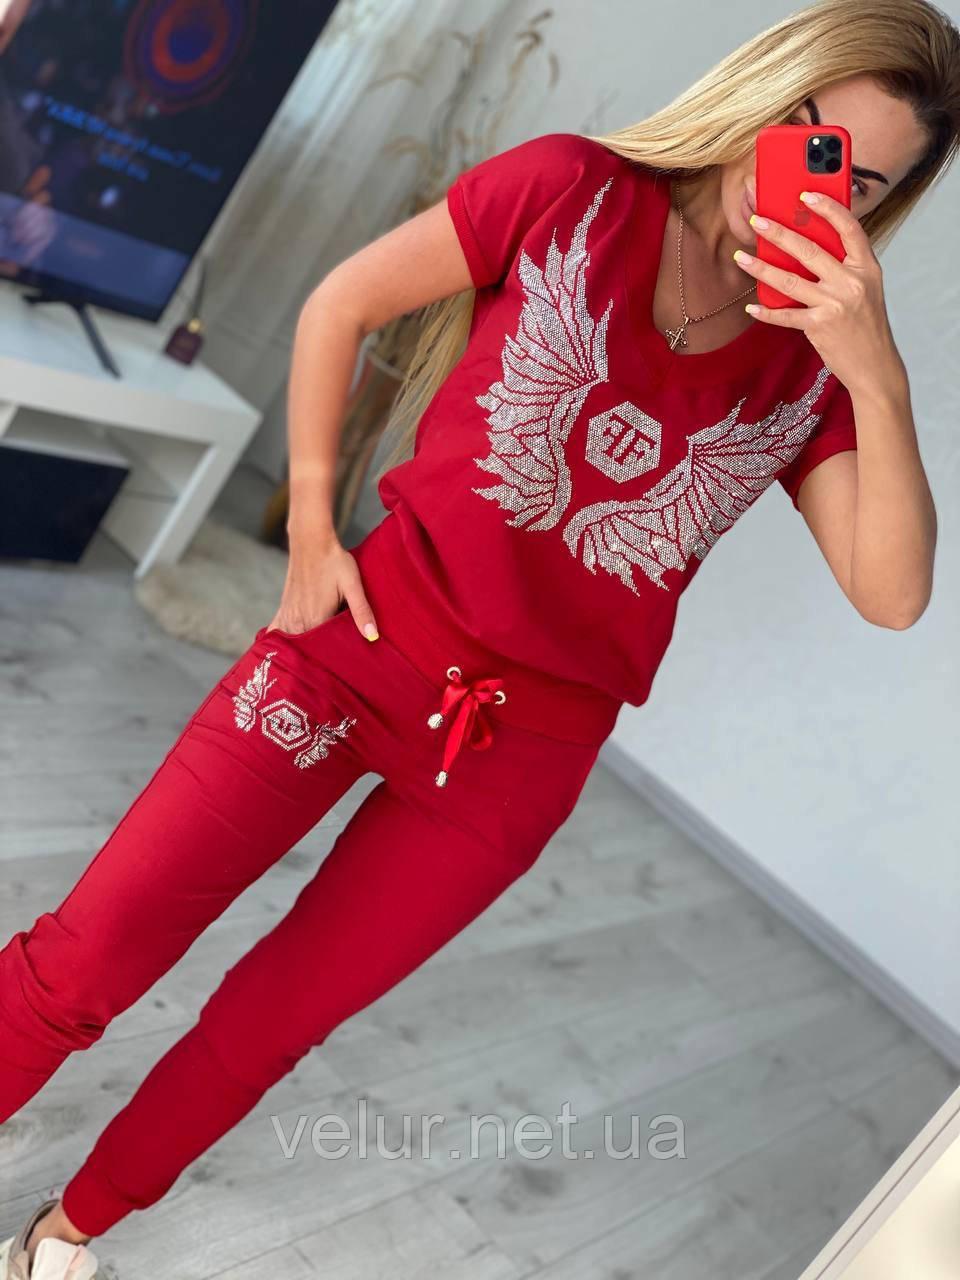 Жіночий літній костюм з трикотажу (Туреччина); розміри:З,М,Л,ХЛ повномірні кольори:червоний,чорний,білий.